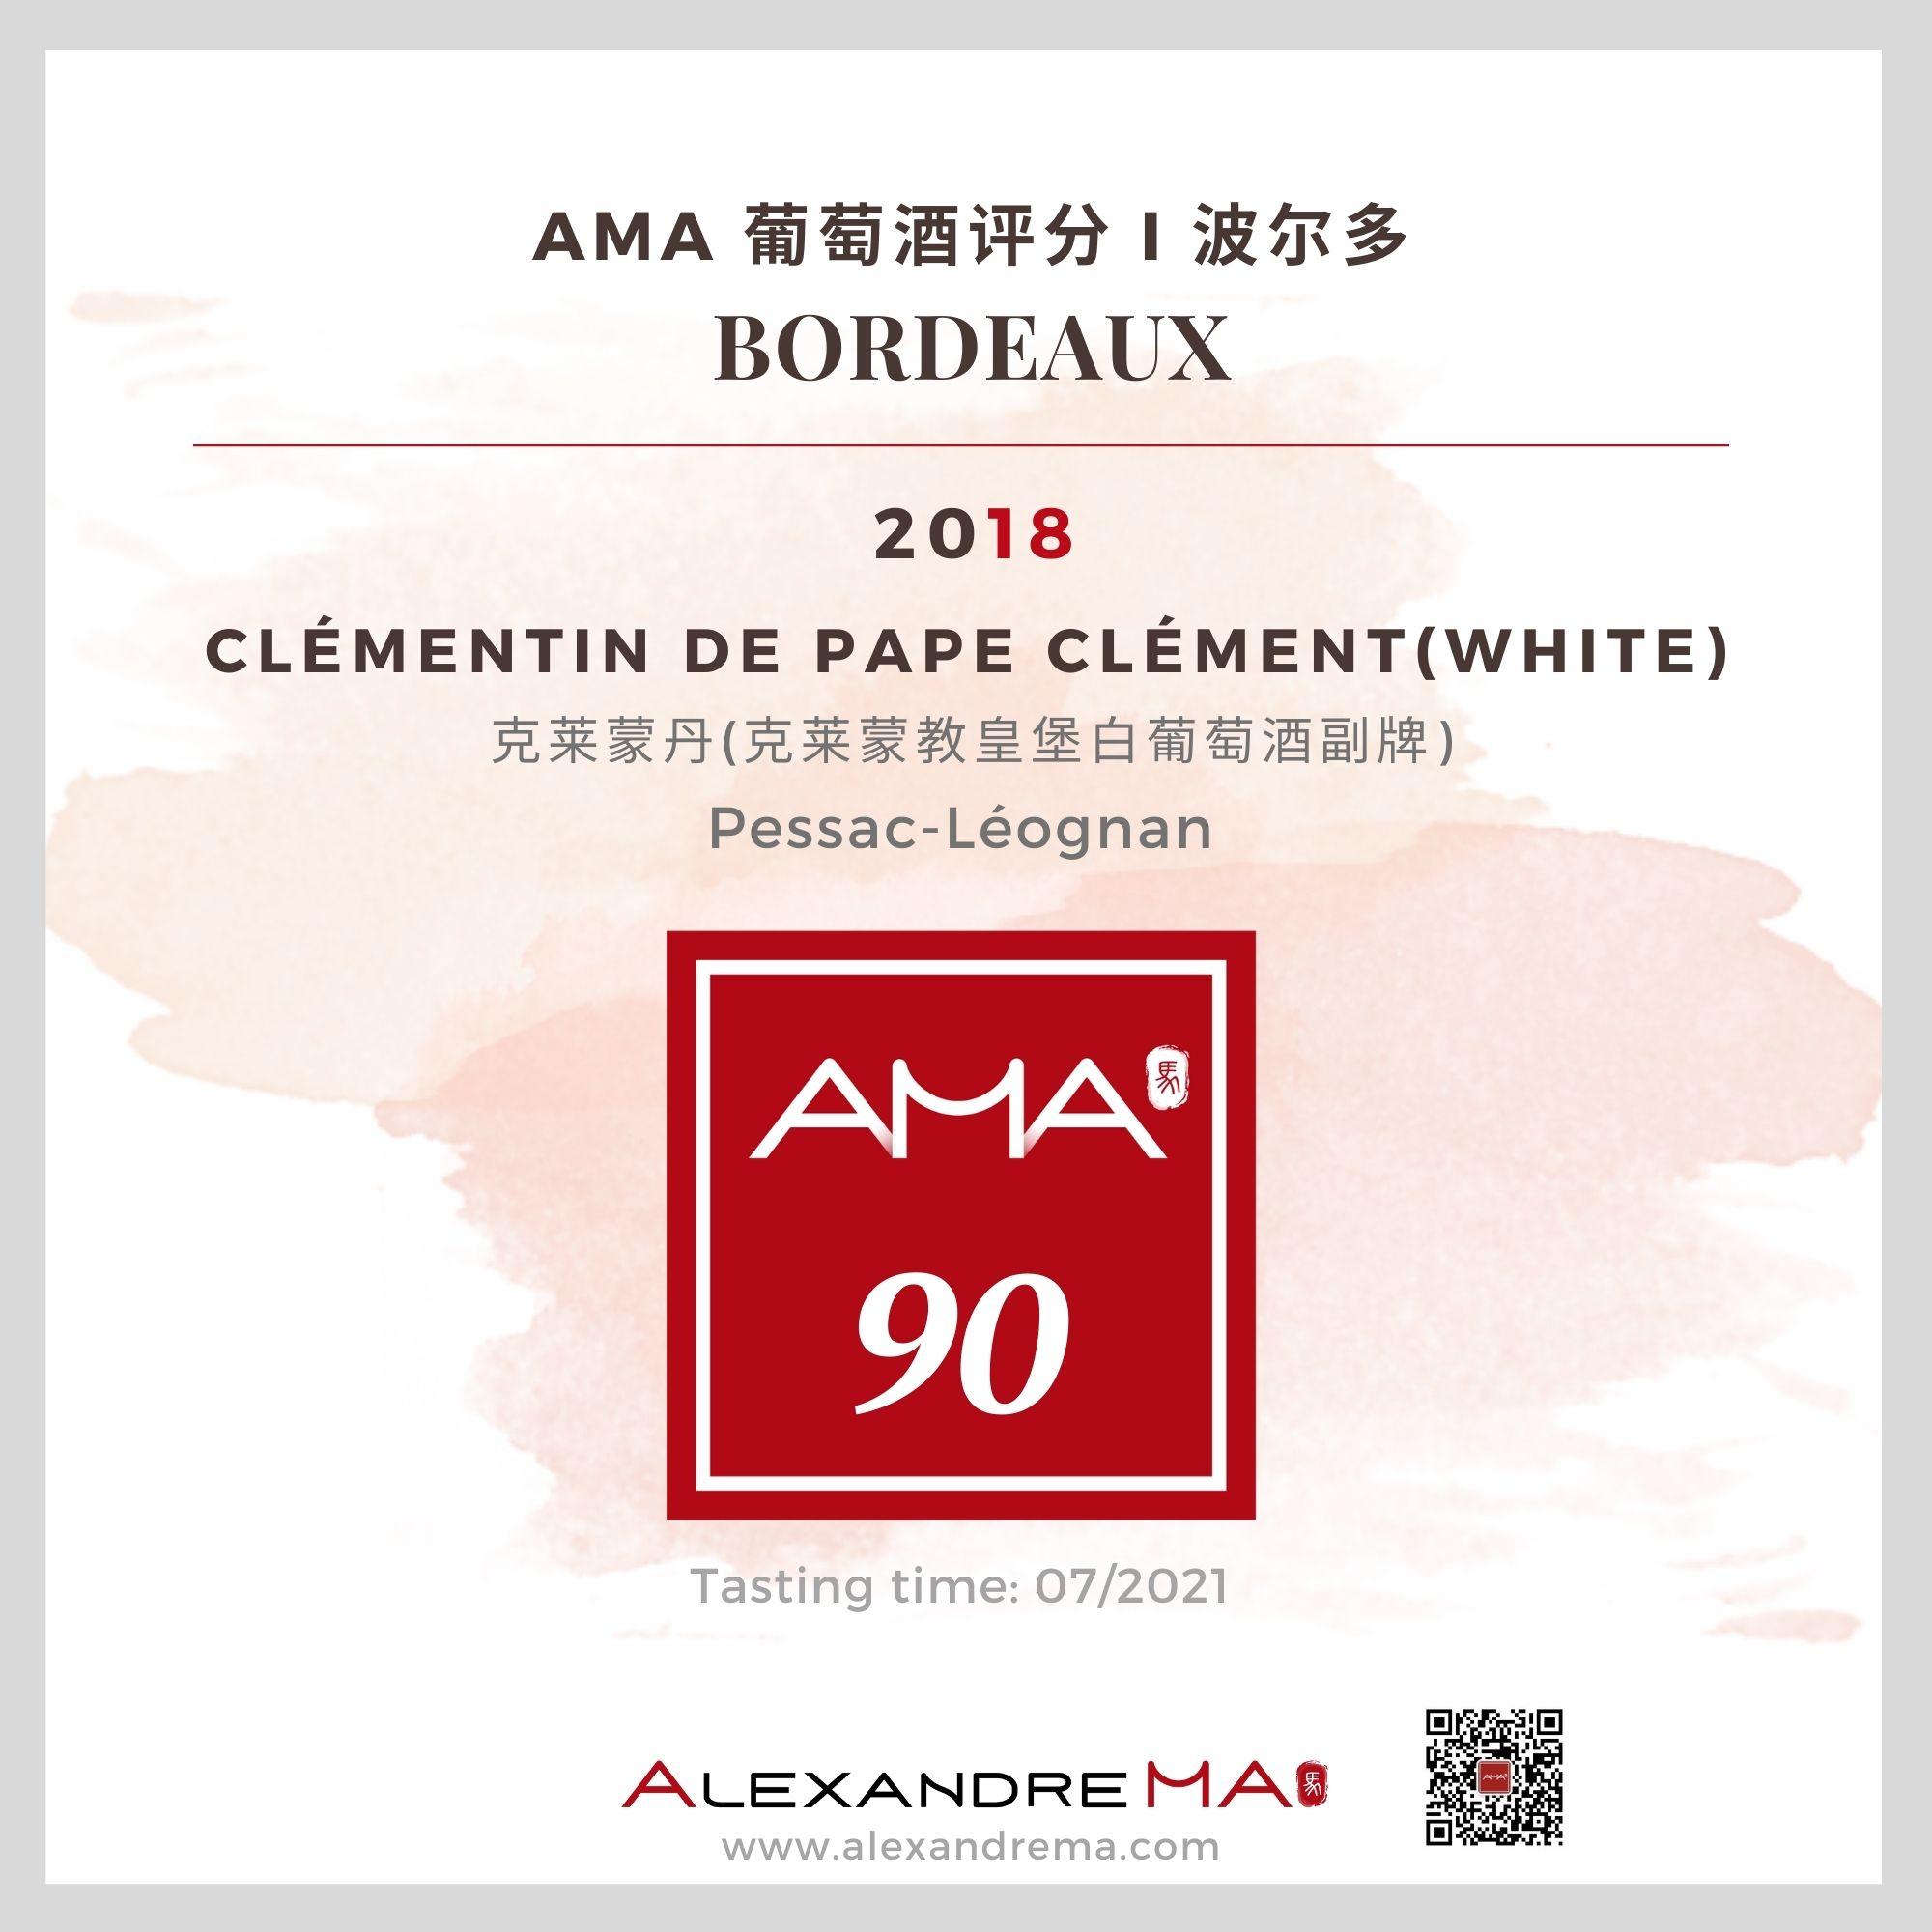 Château Pape Clément – Clémentin de Pape Clément White 2018 克莱蒙教皇副牌 - Alexandre Ma